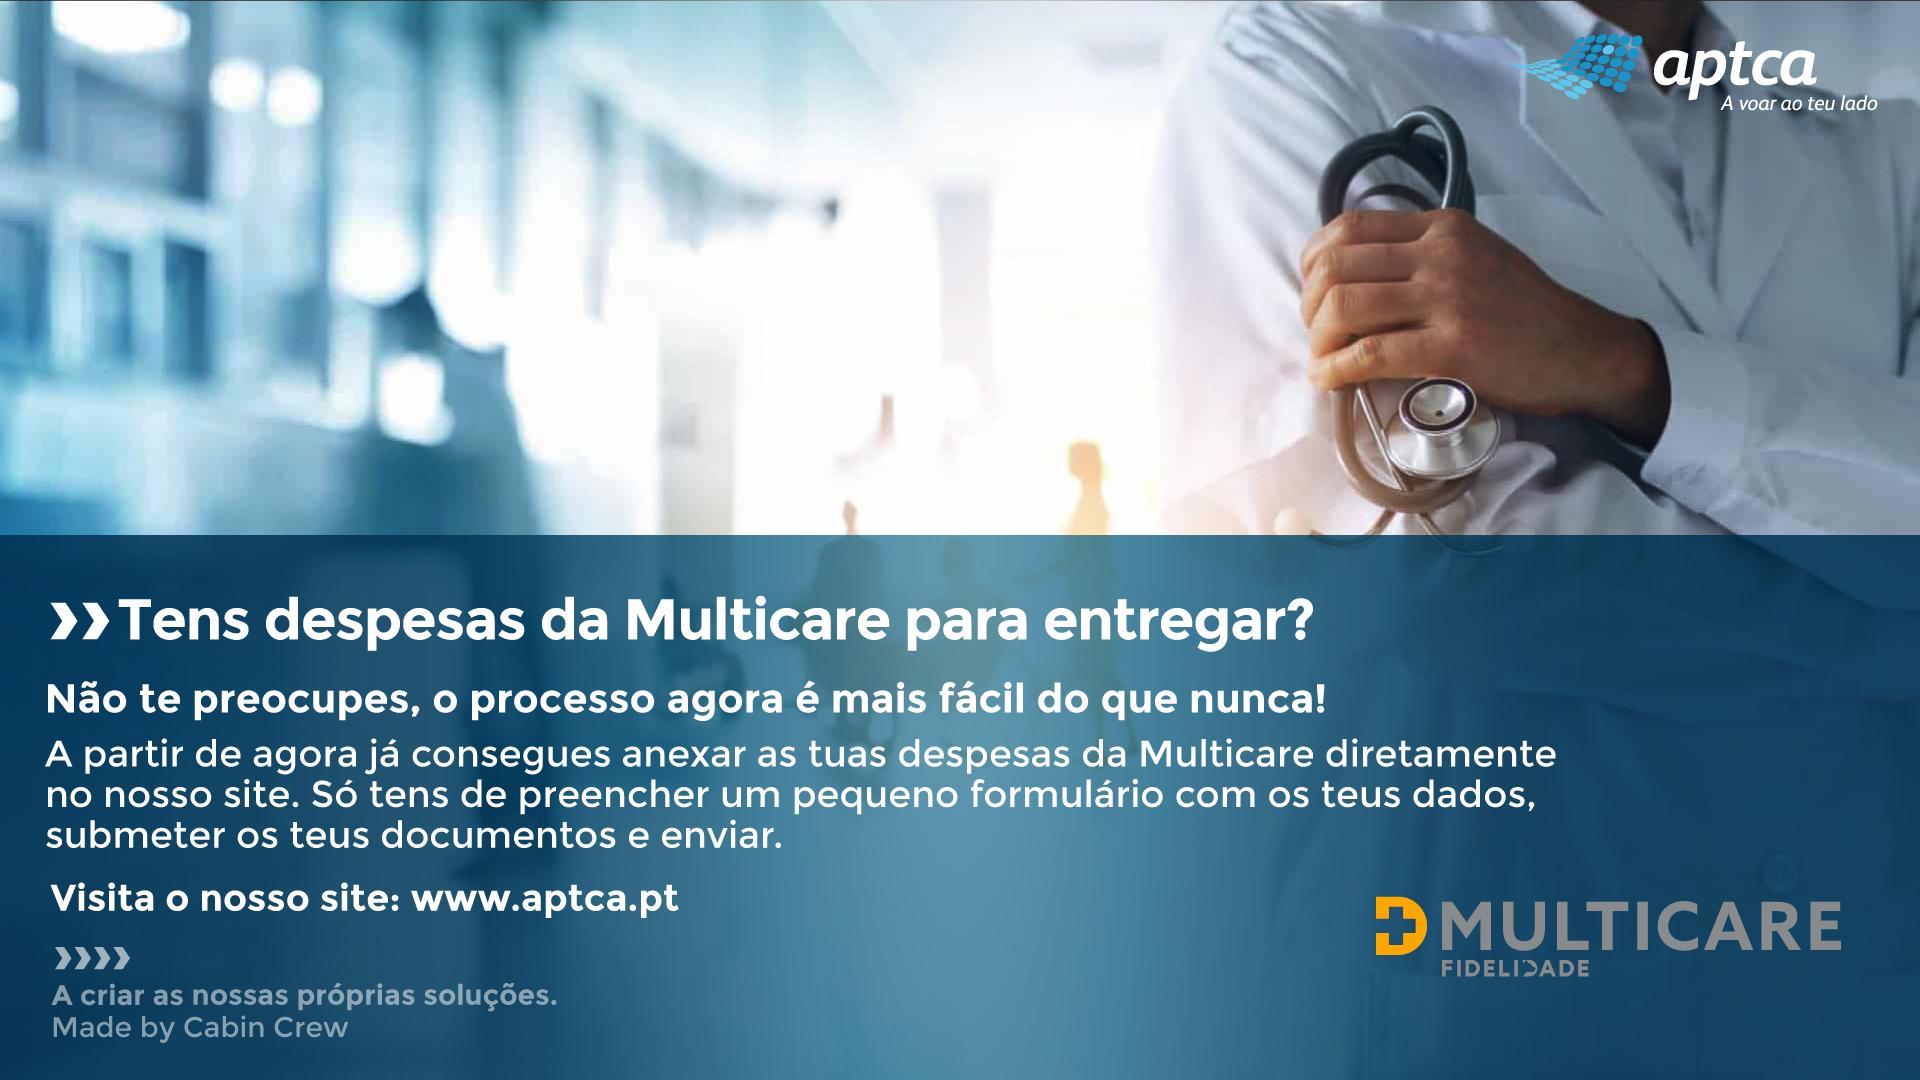 MULTICARE_SITE_1920x1080